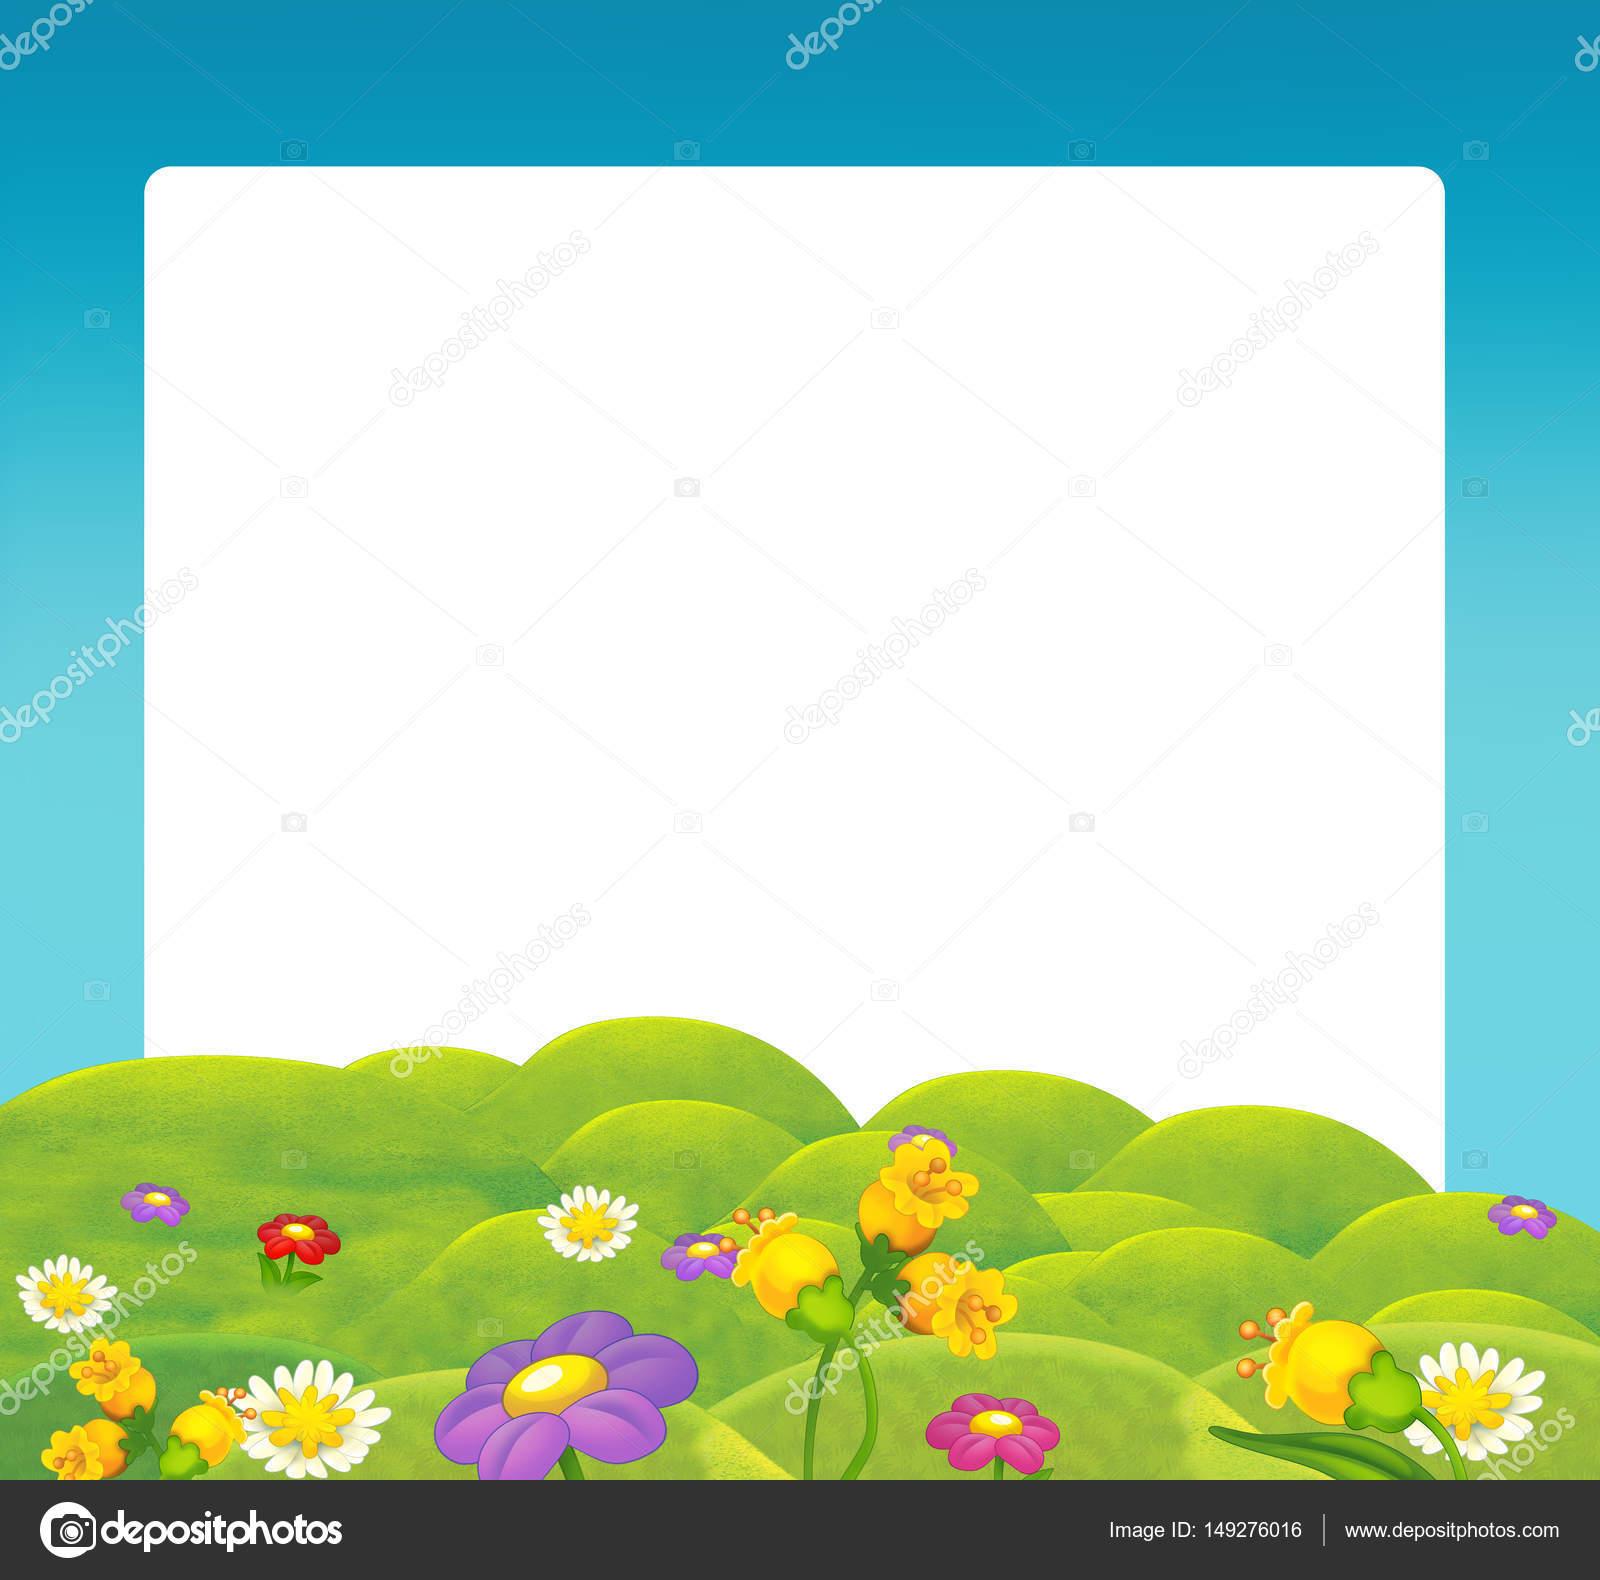 Marco de naturaleza dibujos animados — Foto de stock © agaes8080 ...